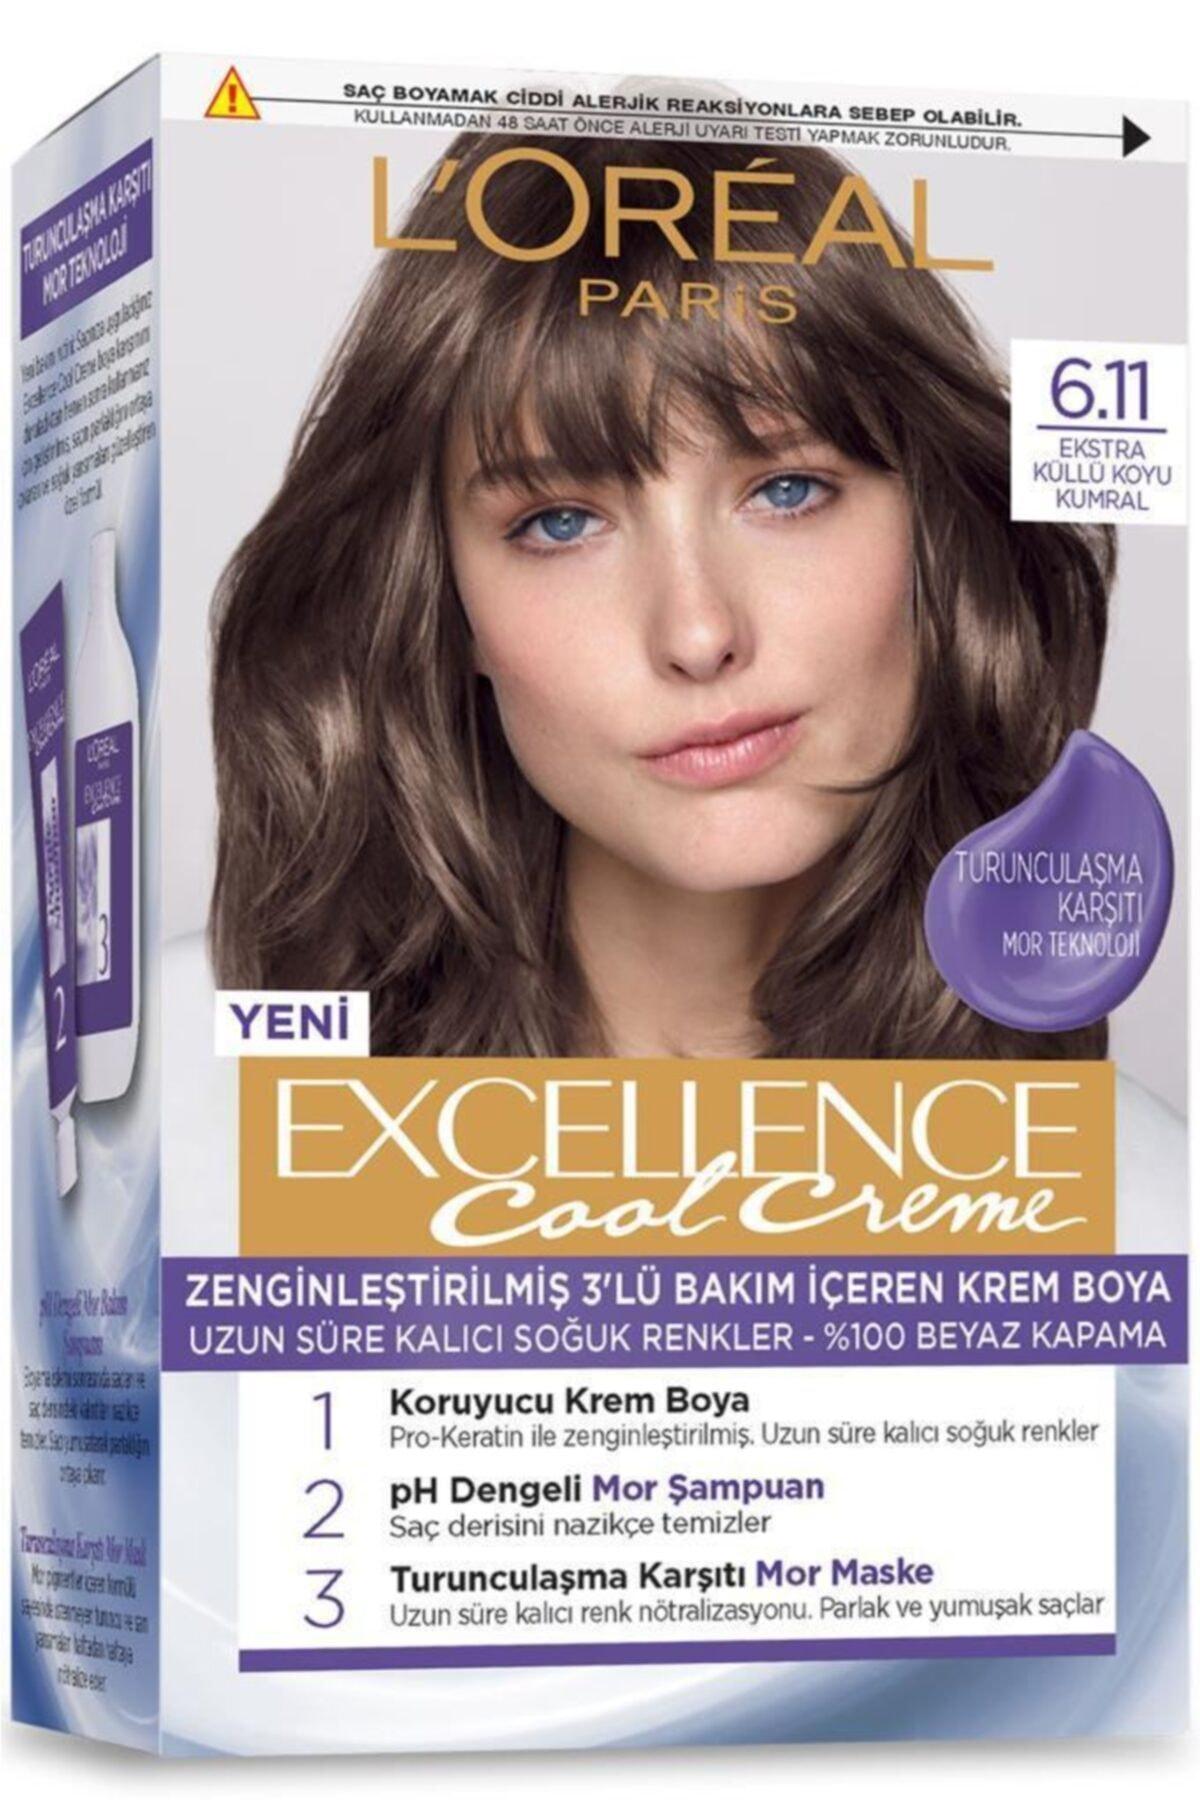 L'Oreal Paris L'oréal Paris Excellence Cool Creme Saç Boyası – 6.11 Ekstra Küllü Koyu Kumral 2